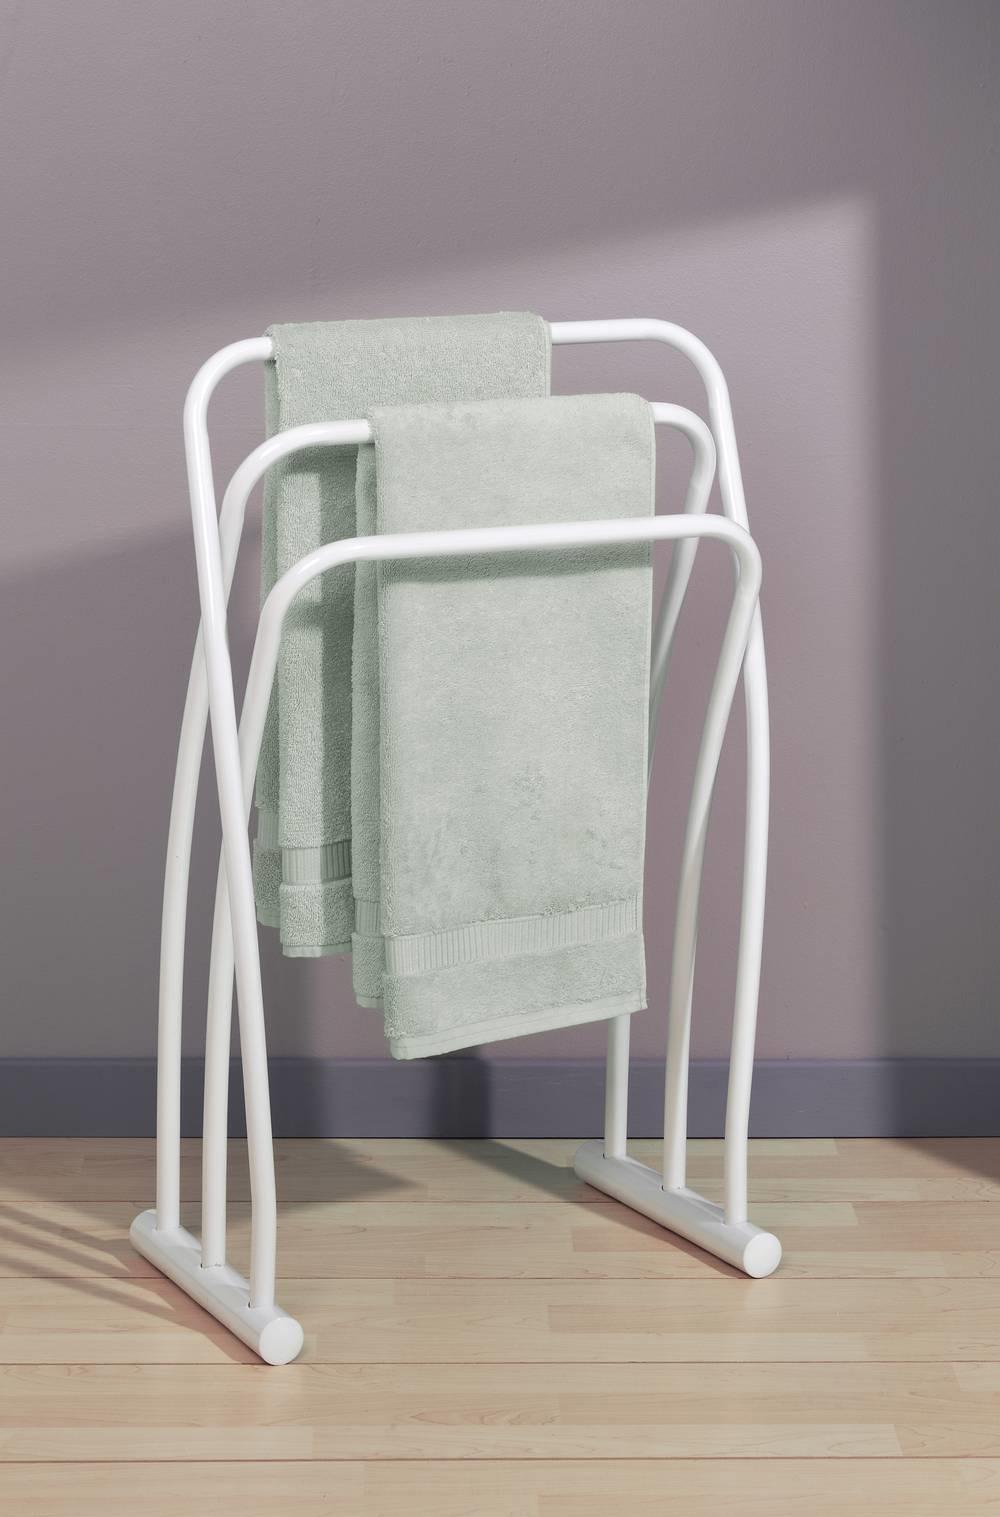 HENDAYE Handdoekhouder 3 stangen Wit - staand